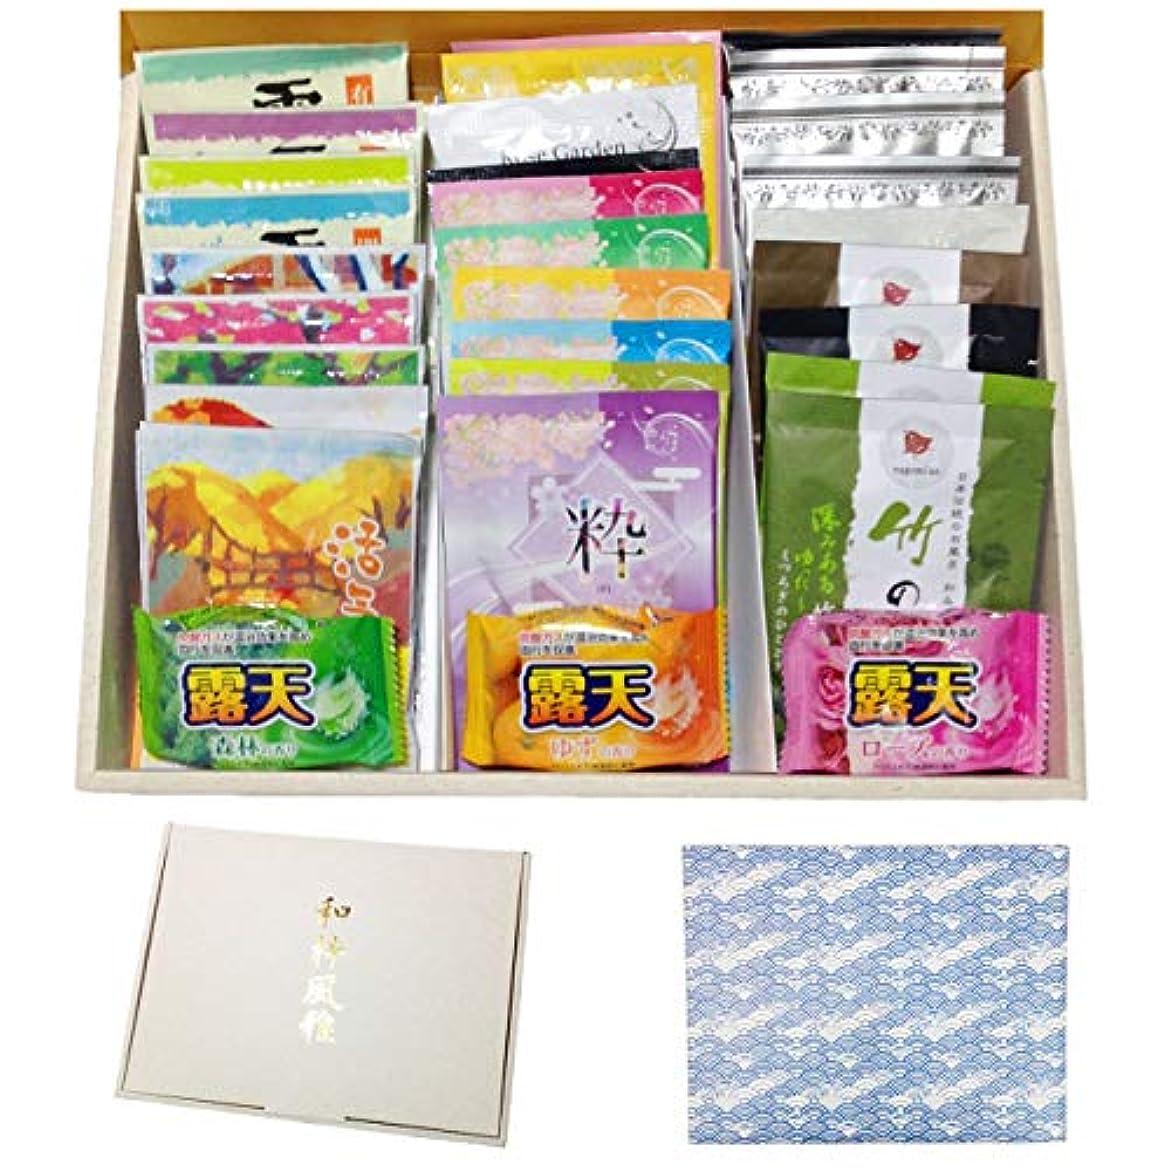 挨拶する役員迷彩入浴剤 ギフト セット 日本製 温泉 炭酸 つめあわせ バスギフト プレゼント 30種類/50種類 (30個30種類)